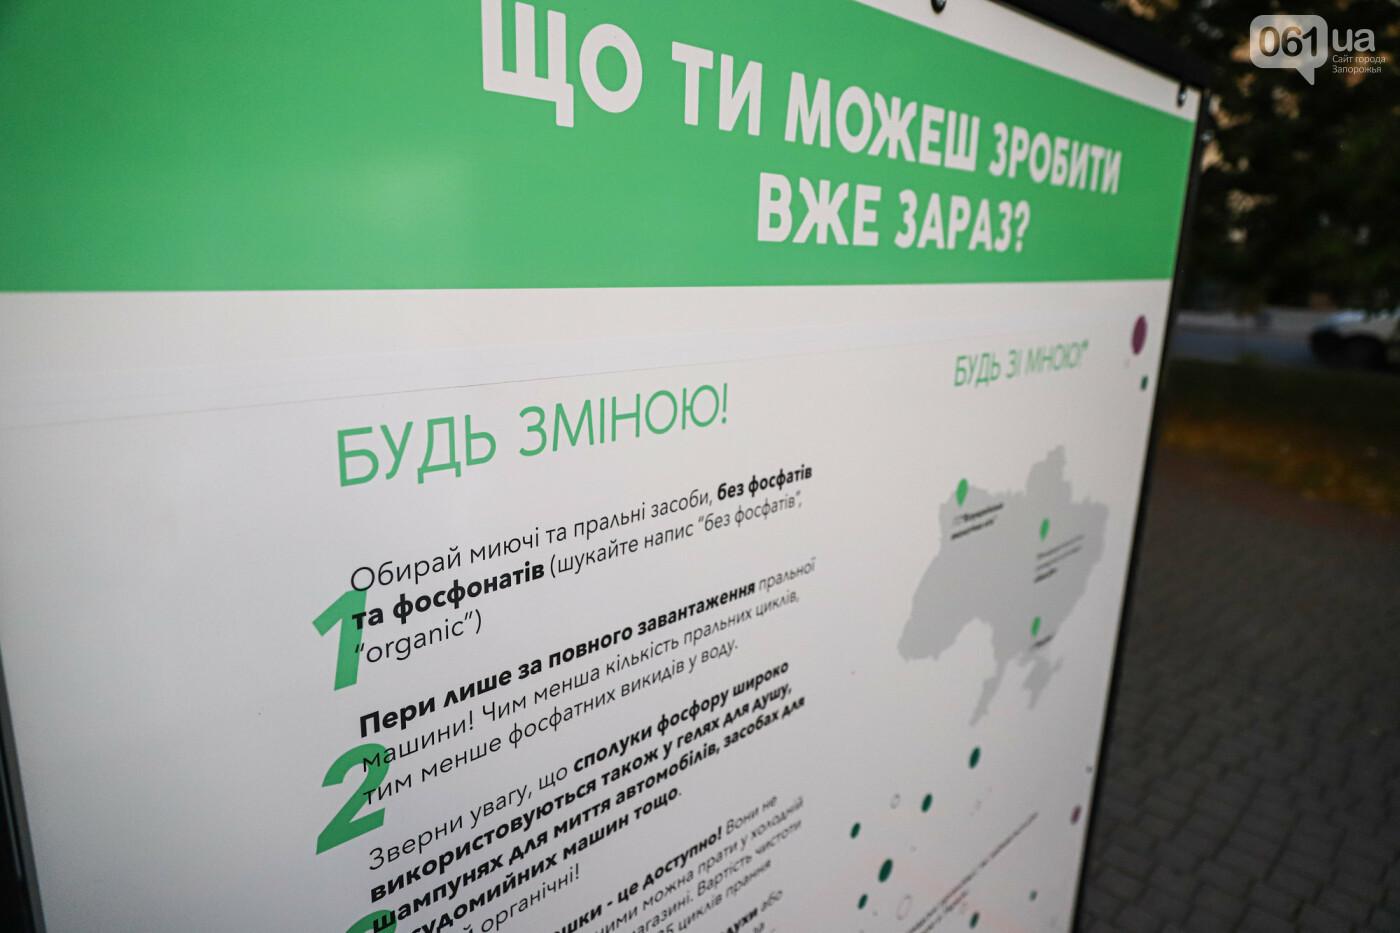 Огромная стиральная машина и комната из фольги: в центре Запорожья открылась эко-выставка, - ФОТОРЕПОРТАЖ , фото-4